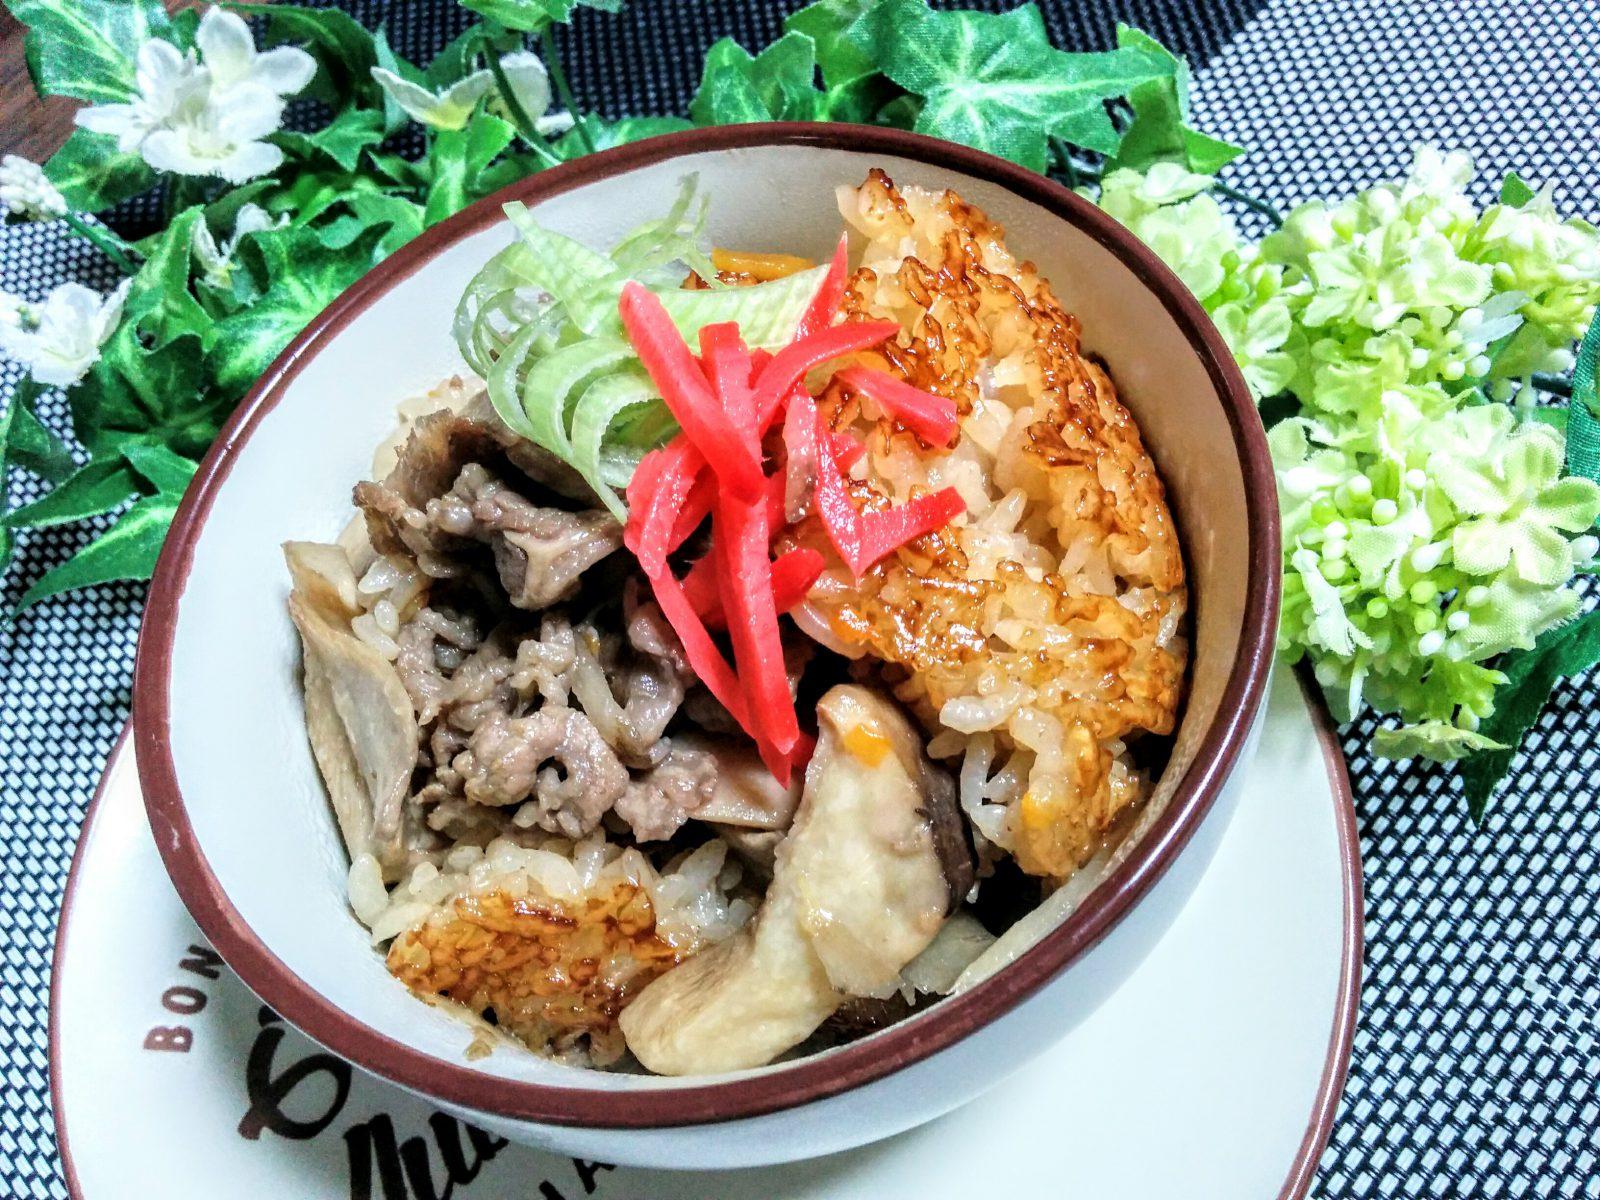 【小樽】お家御飯・牛肉のオイスターソース炊き込みご飯グルメ案内です。